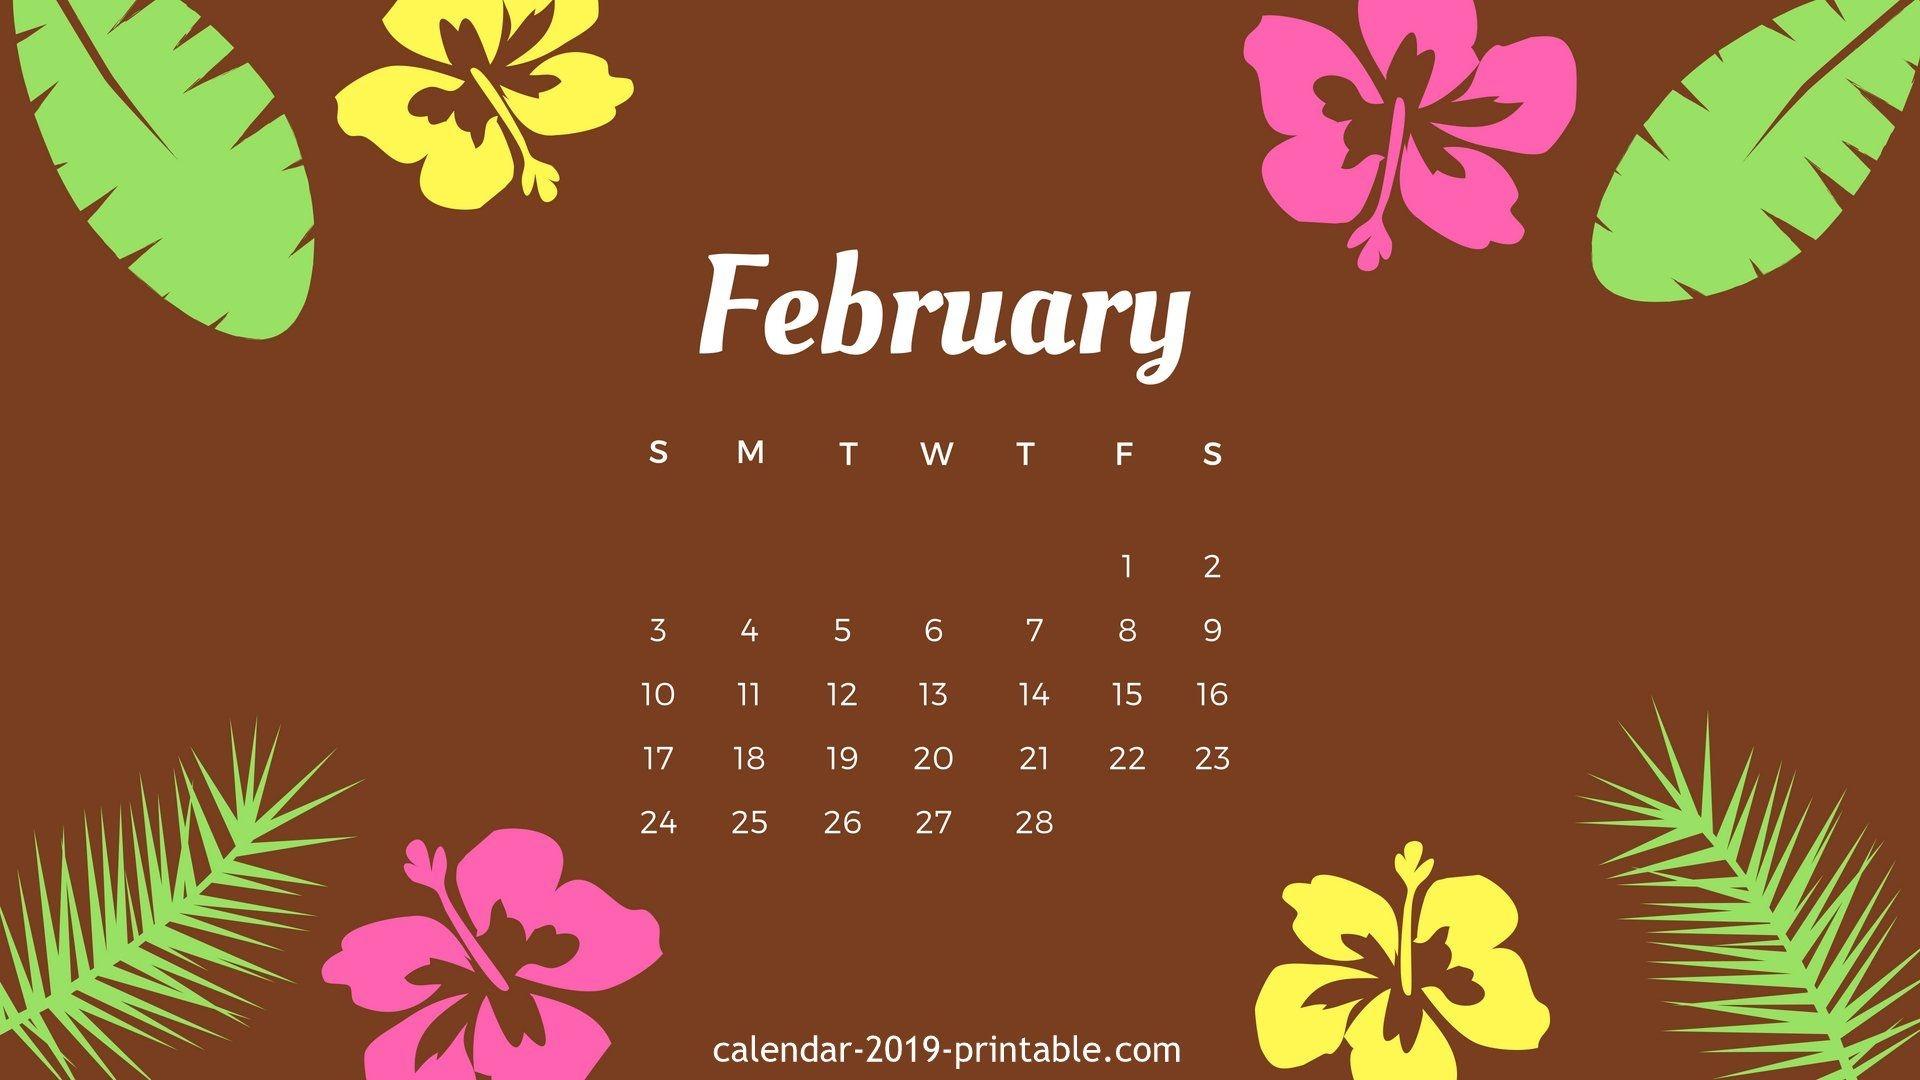 february 2019 hd desktop wallpaper calendar 2019 wallpapers::February 2019 Desktop Calendar